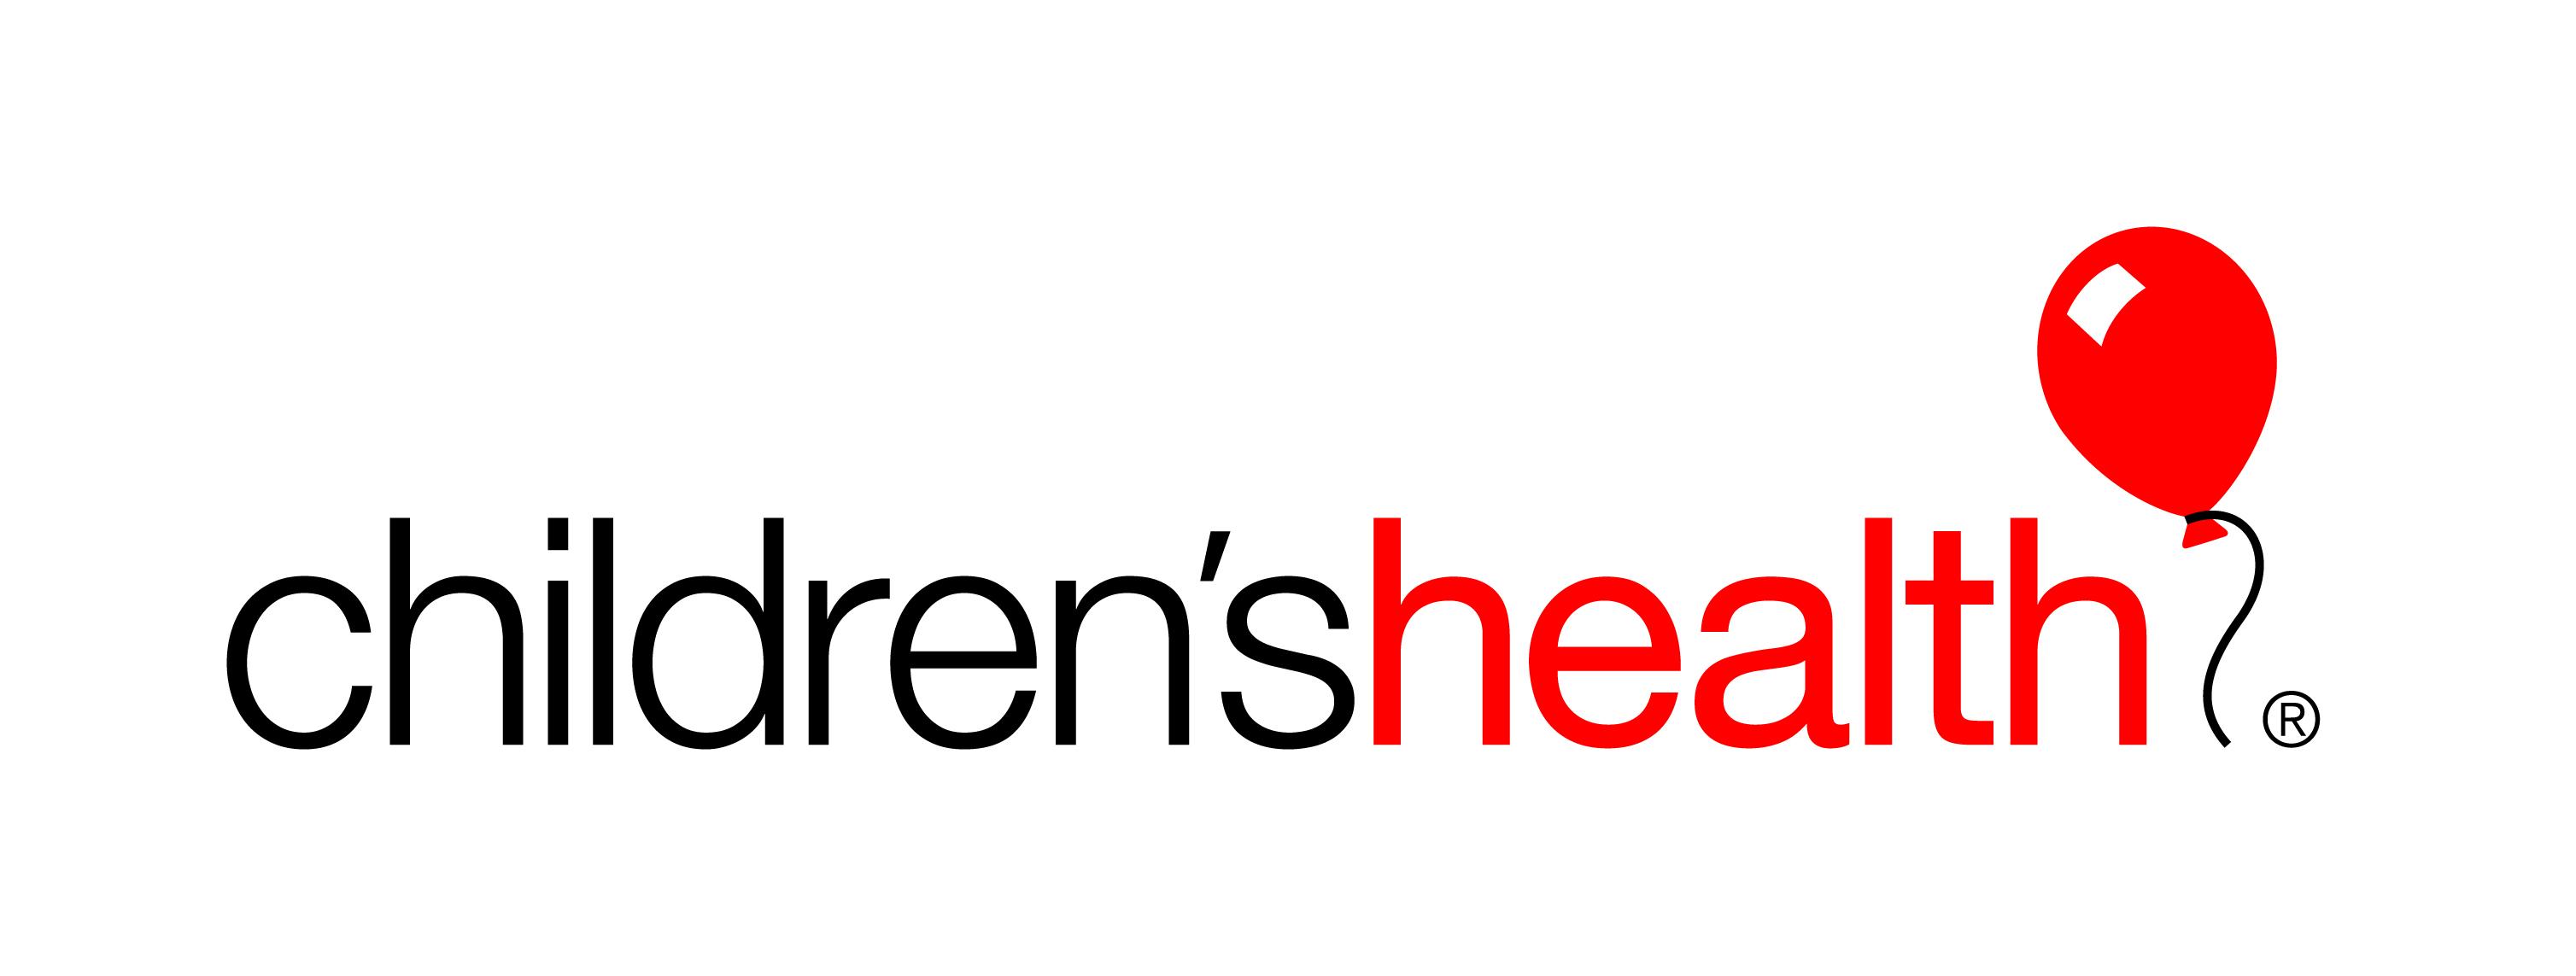 Children_s Health logo